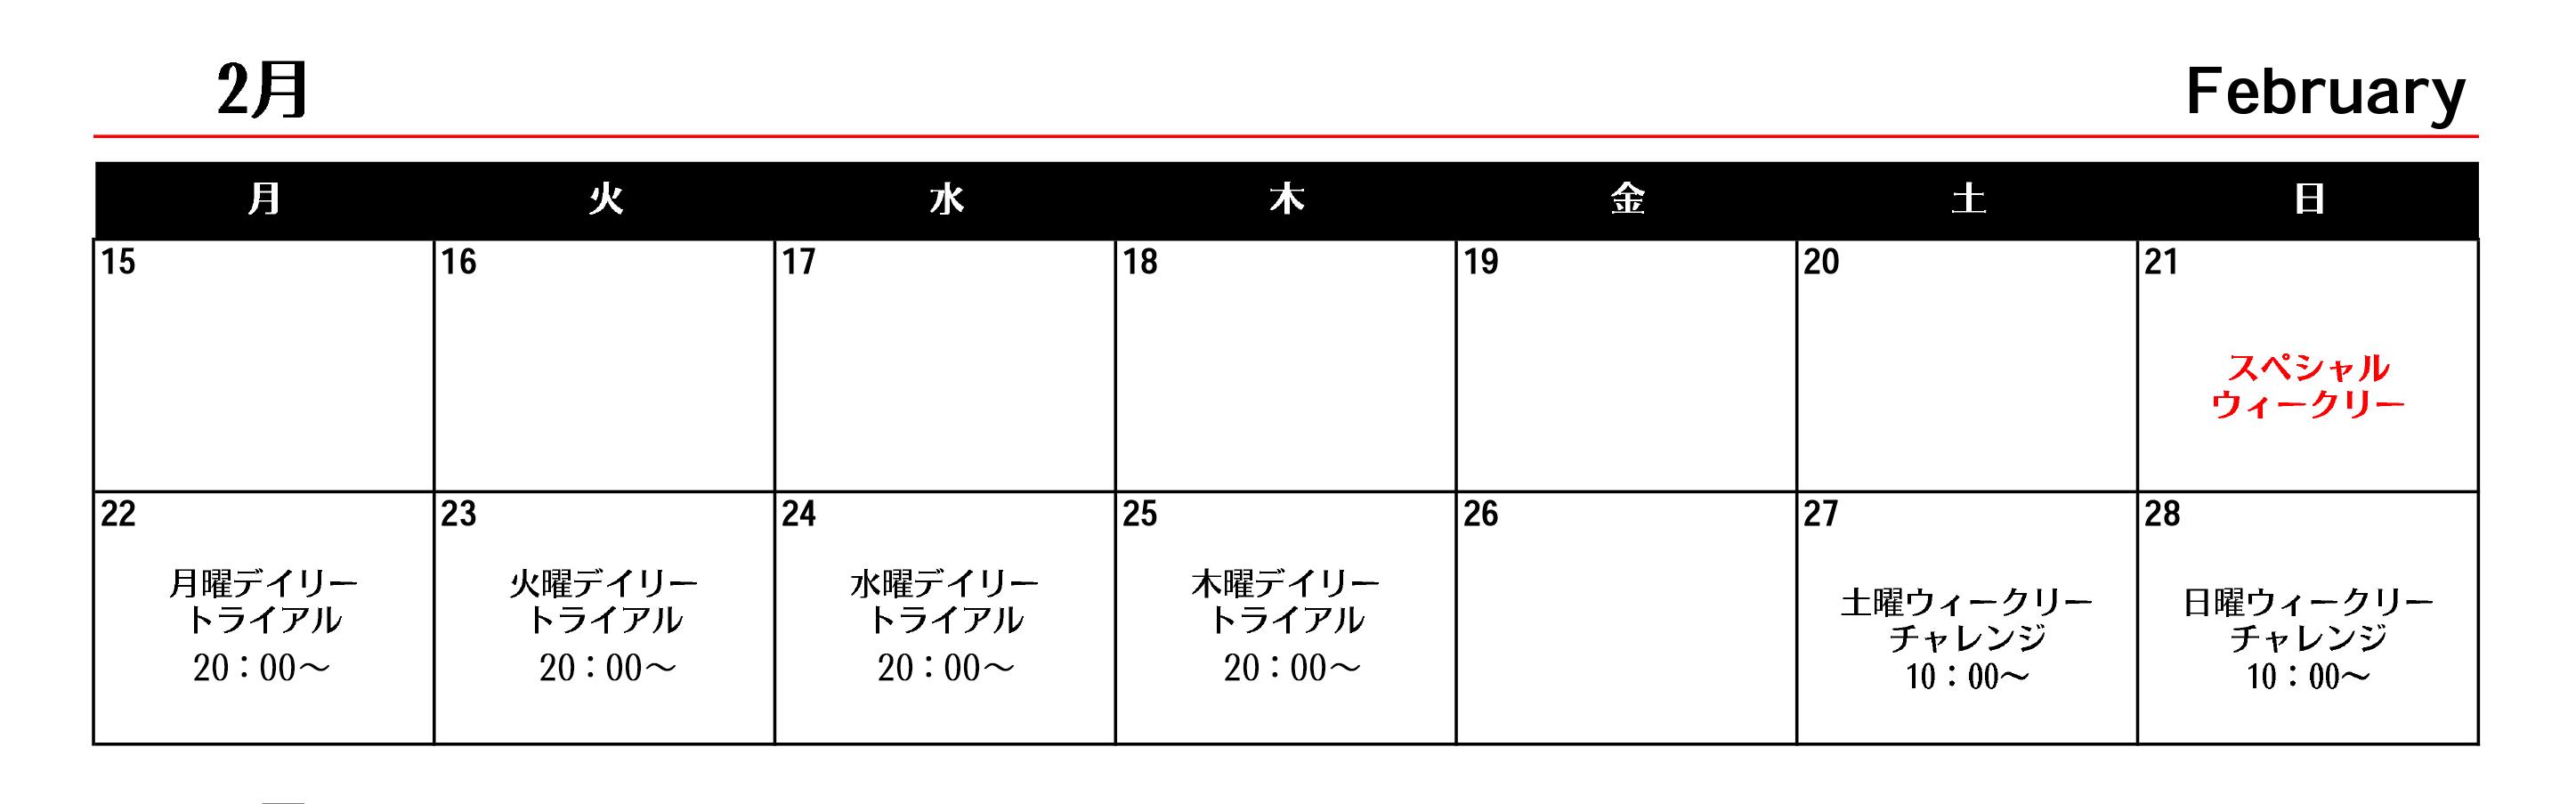 日本選手権2021ー2月